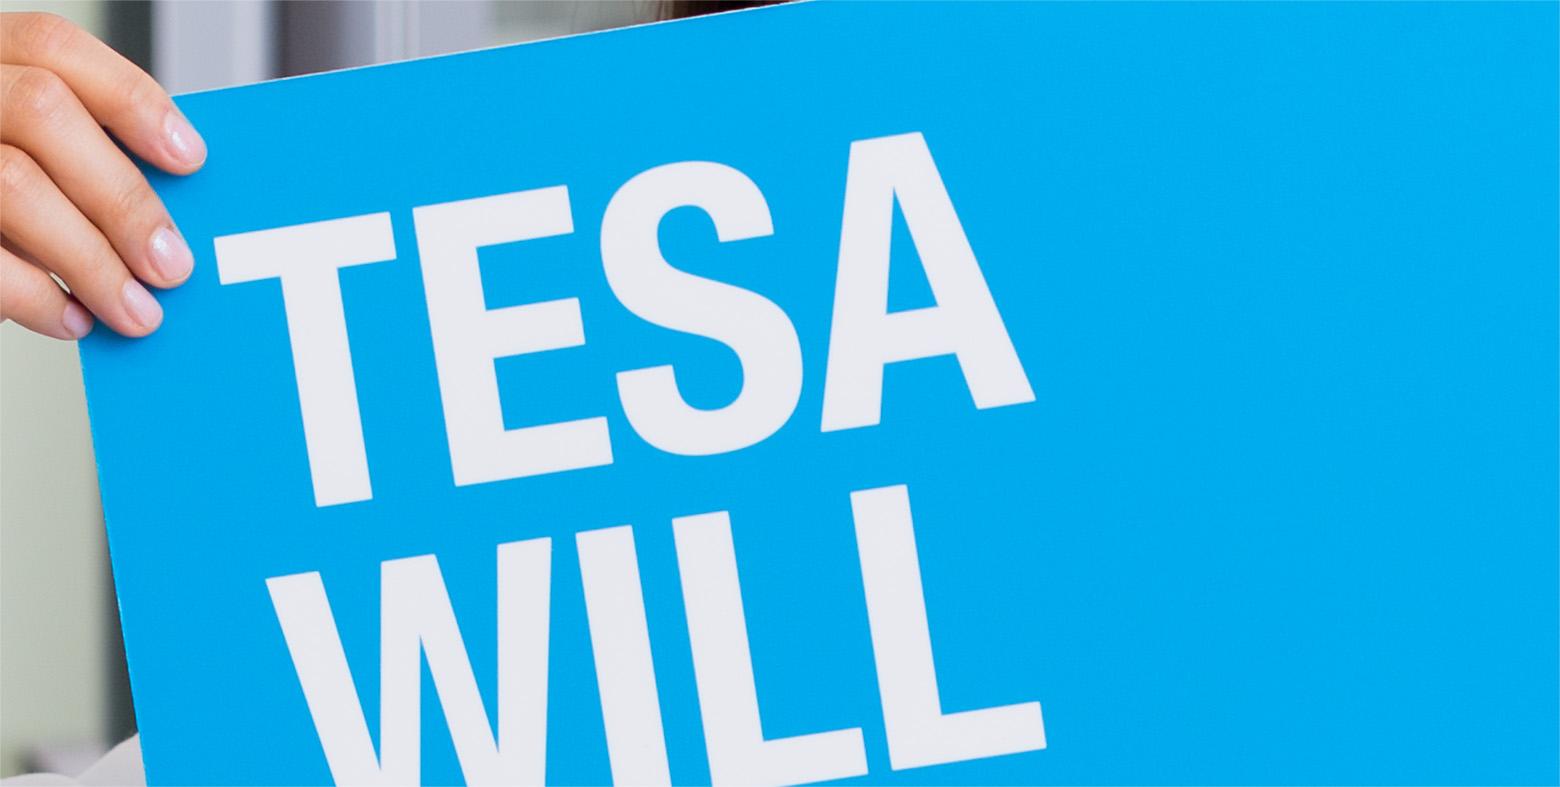 Tesa Deutschland tesa great place to work mehrstufige unternehmenskommunikation